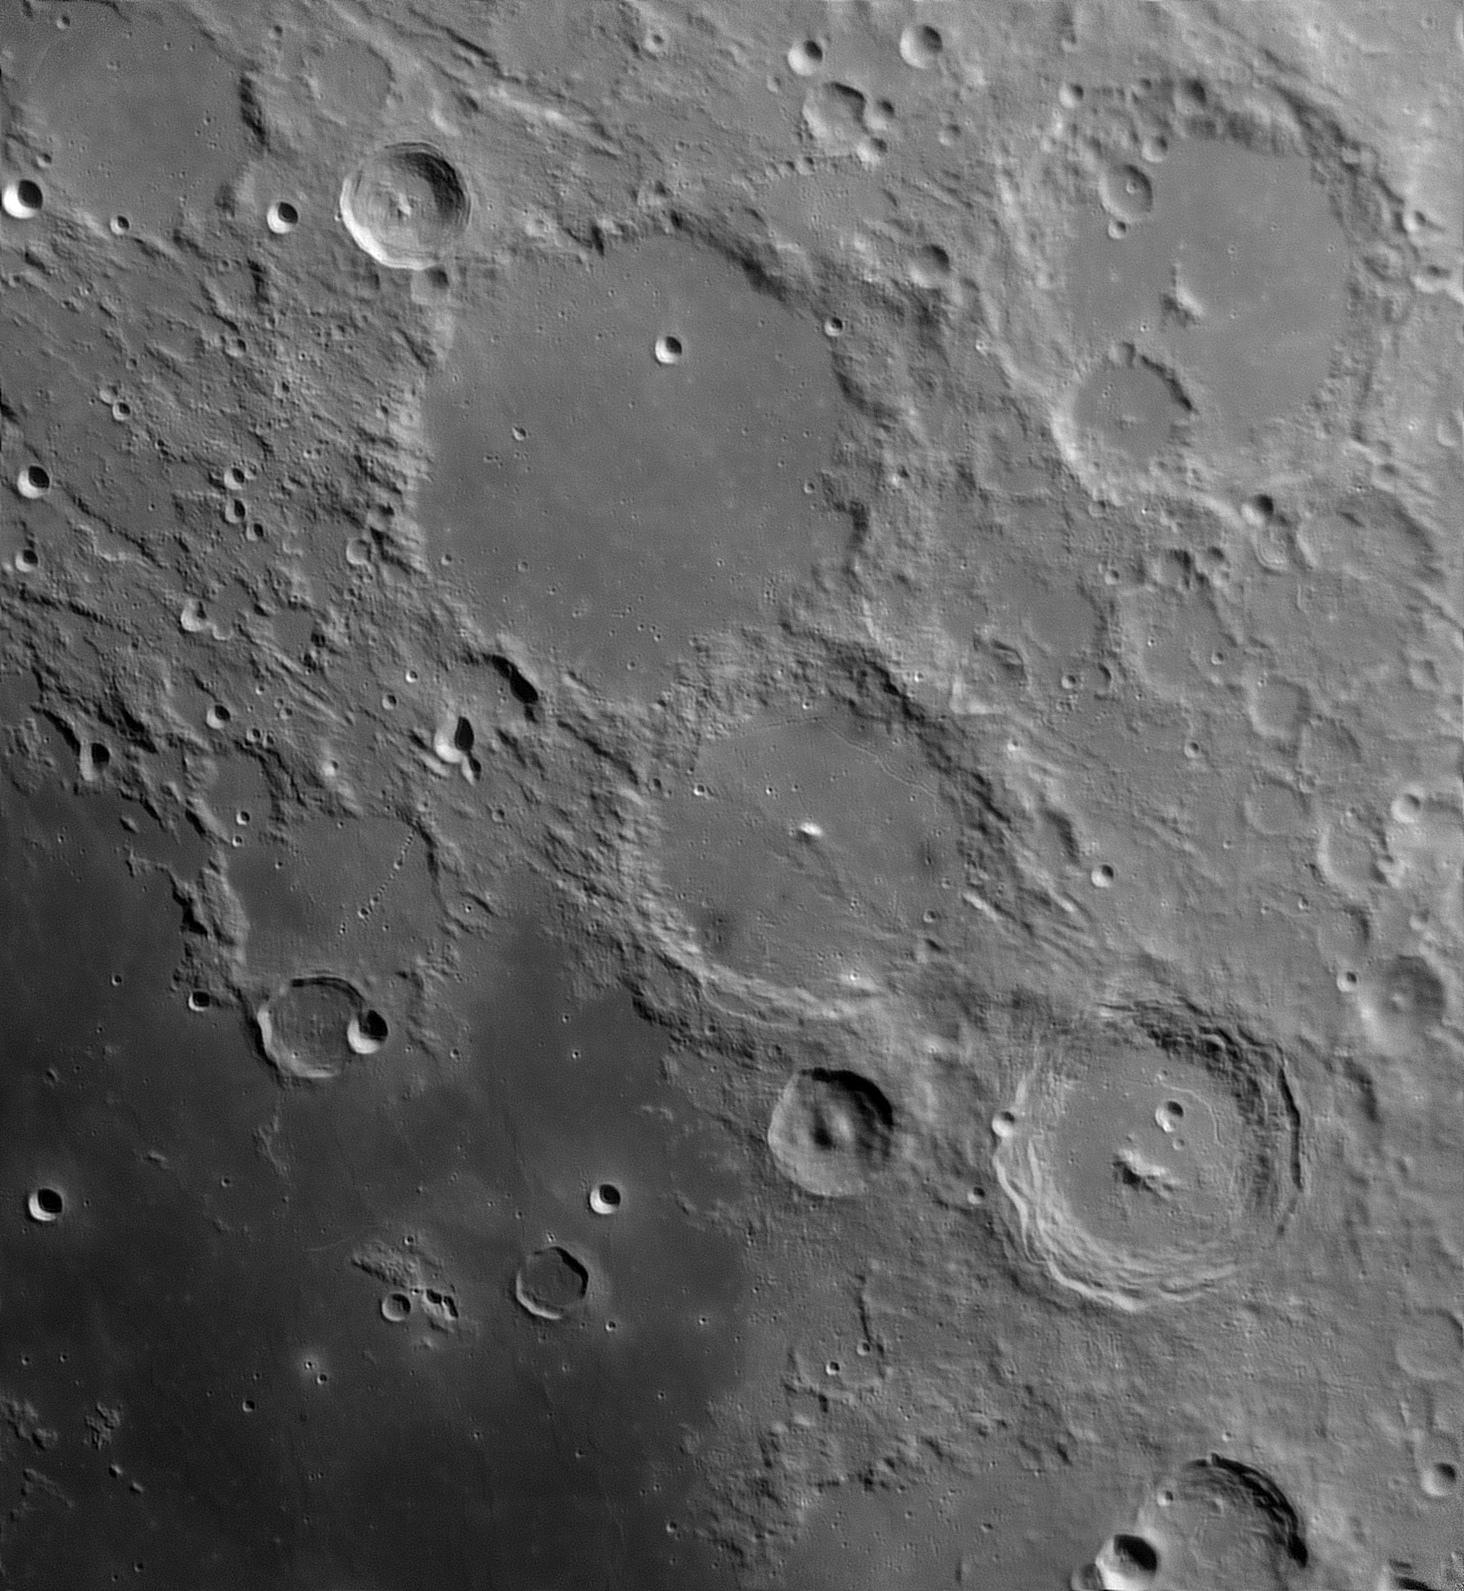 2020-05-31-1903_2-S-R_Moon C11 178MM R_lapl4_ap486.jpg